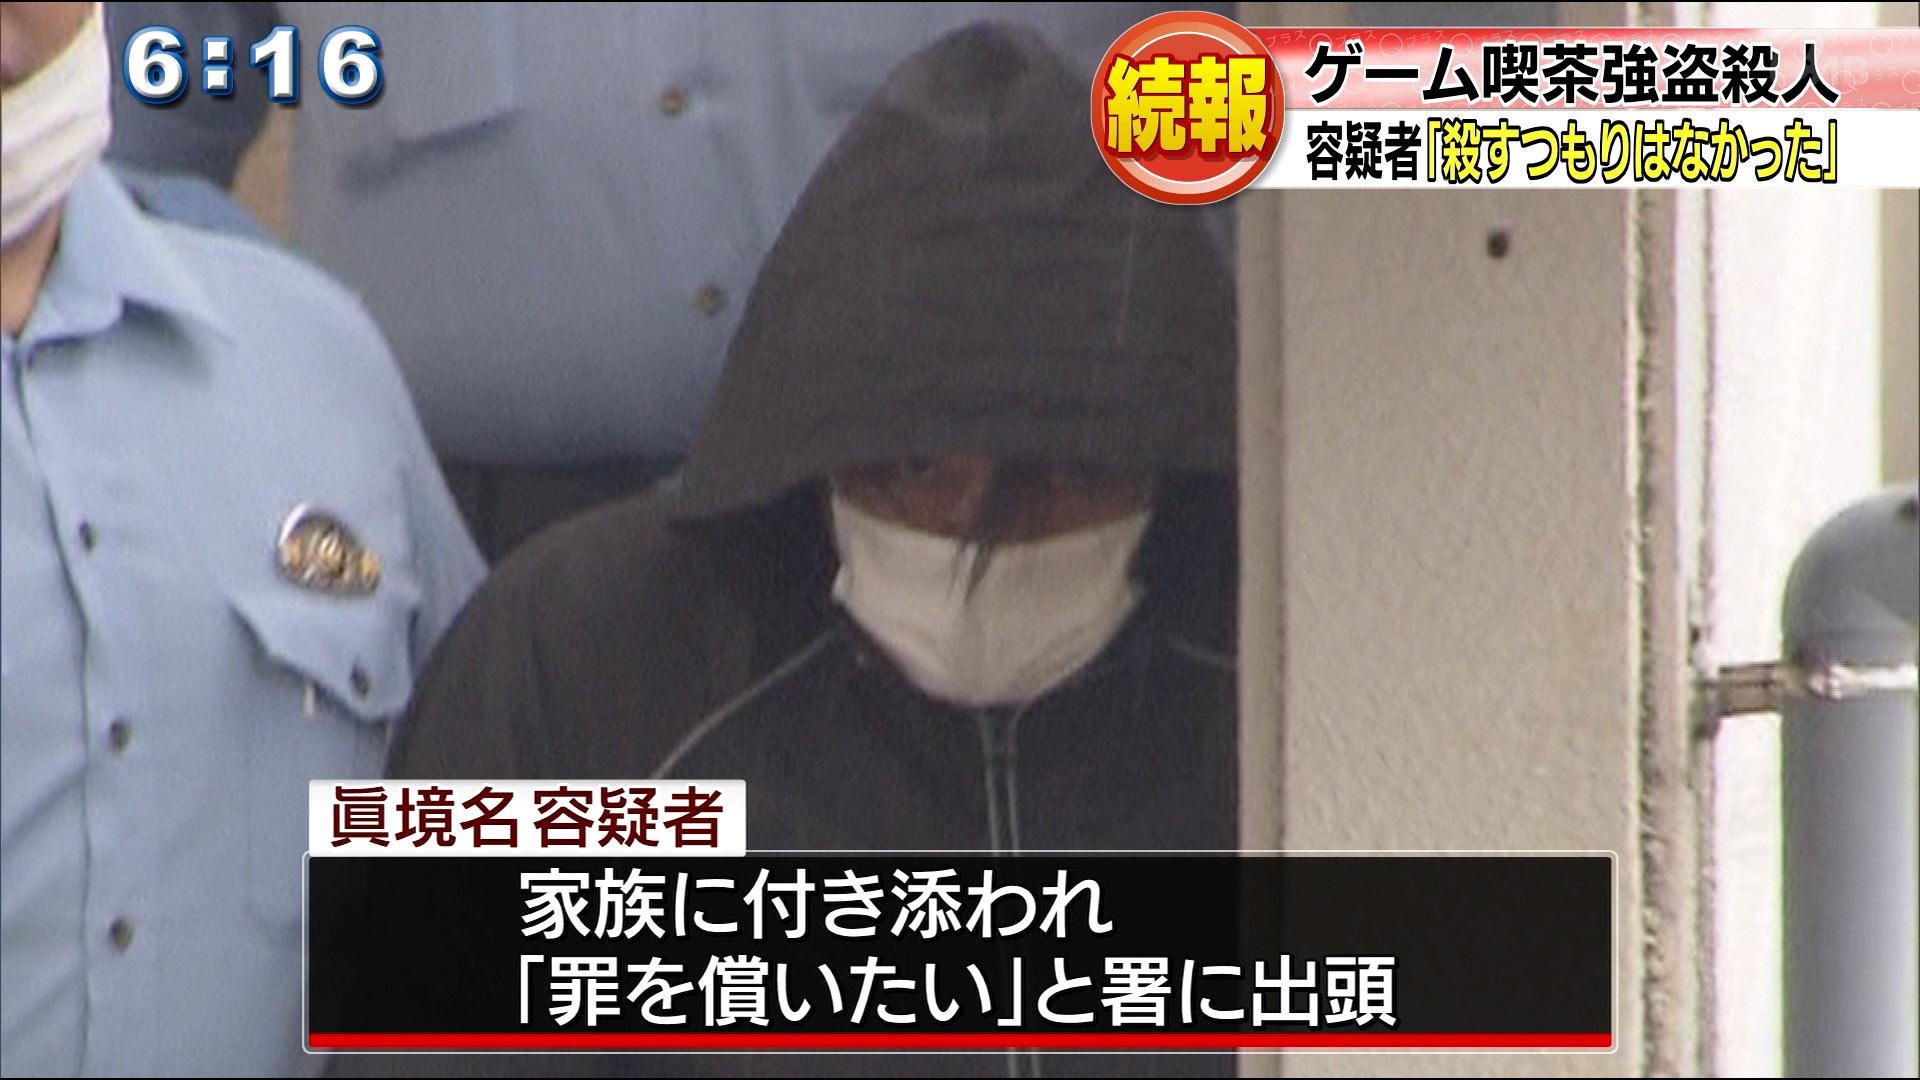 喫茶店強盗殺人 容疑者「殺すつもりはなかった」